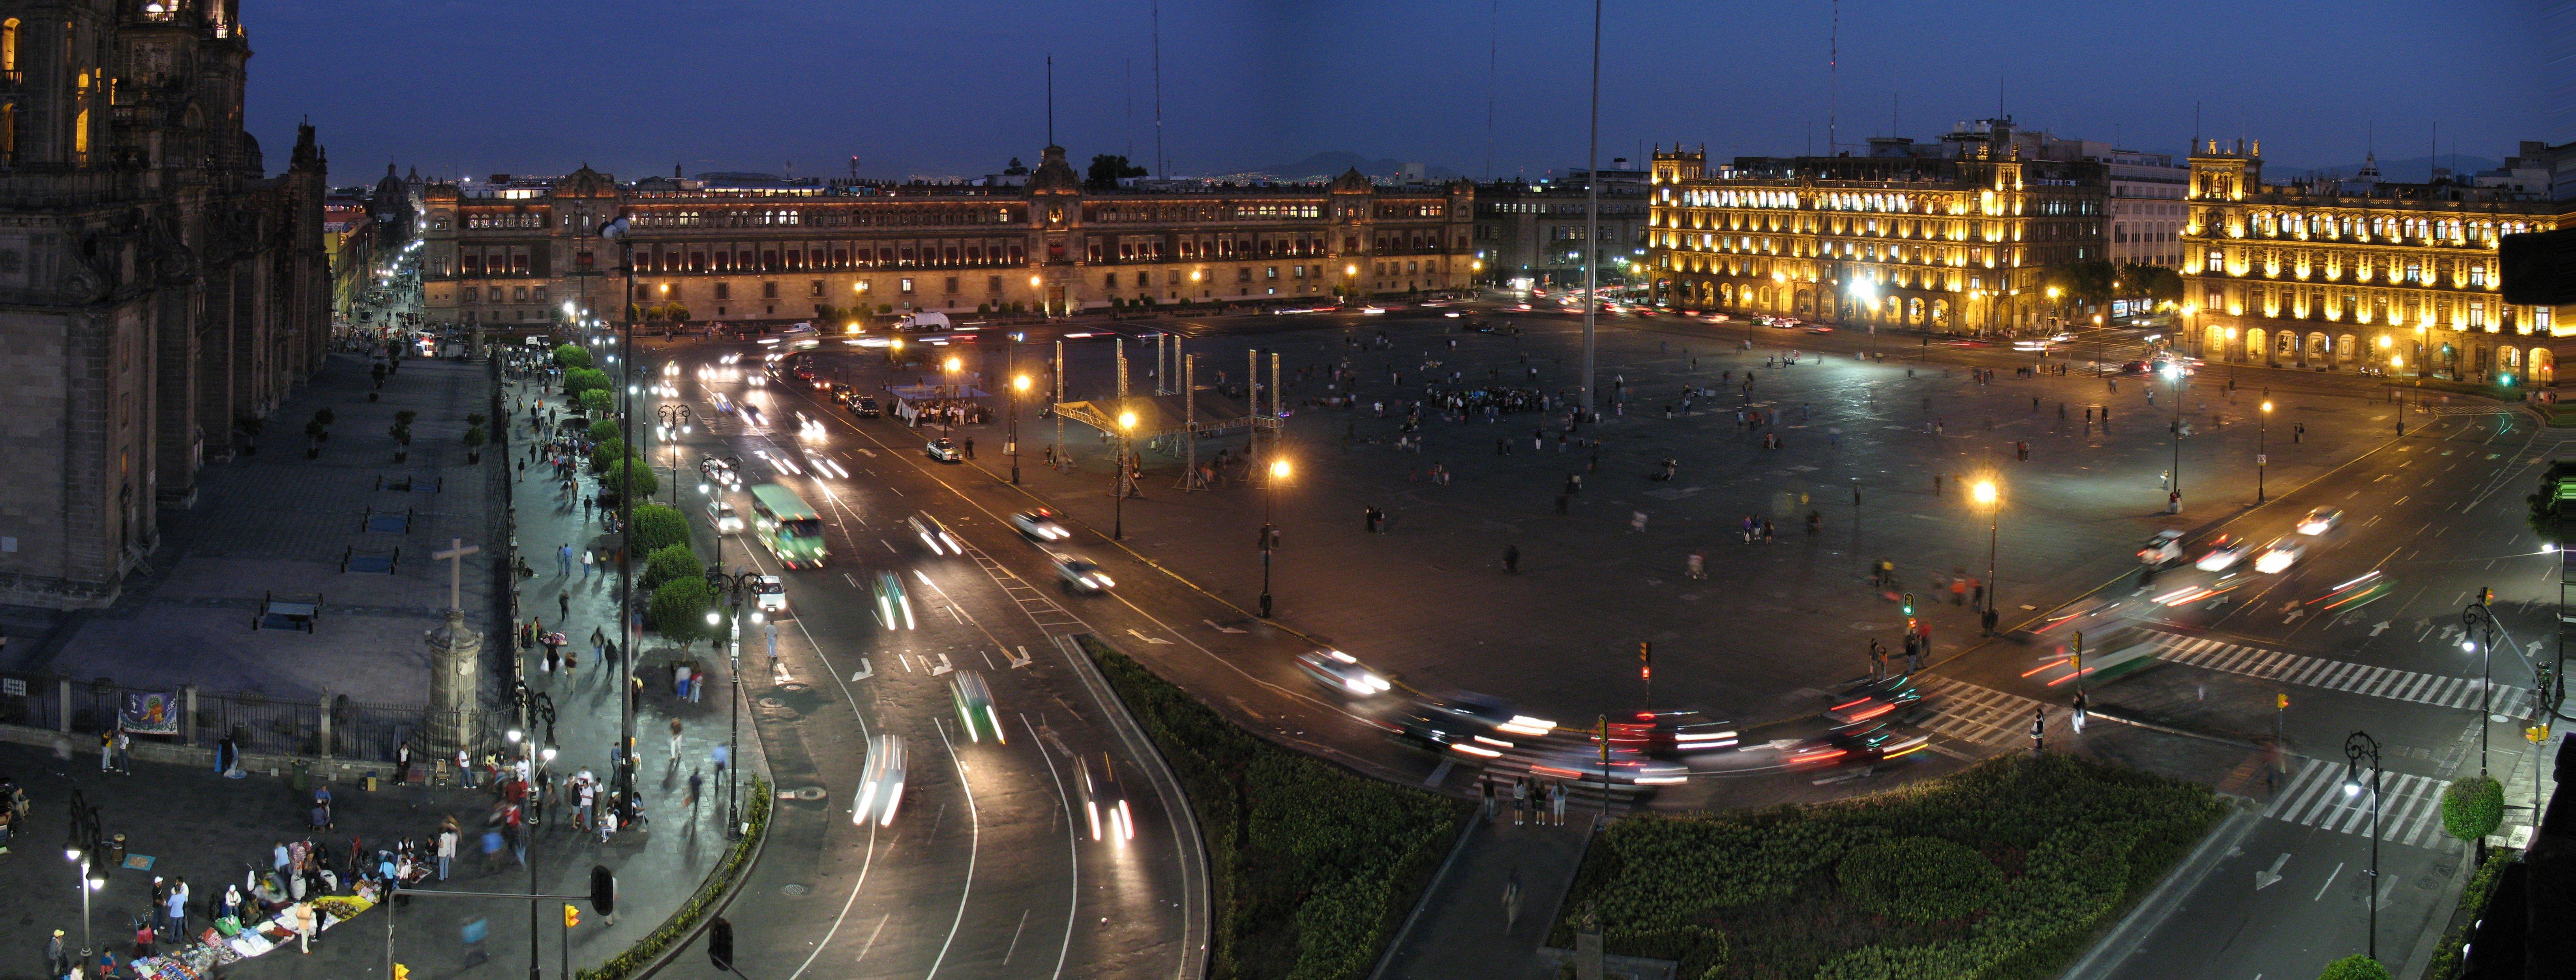 Eventos de ocio reunieron unas 1,5 millones de personas en Ciudad de México